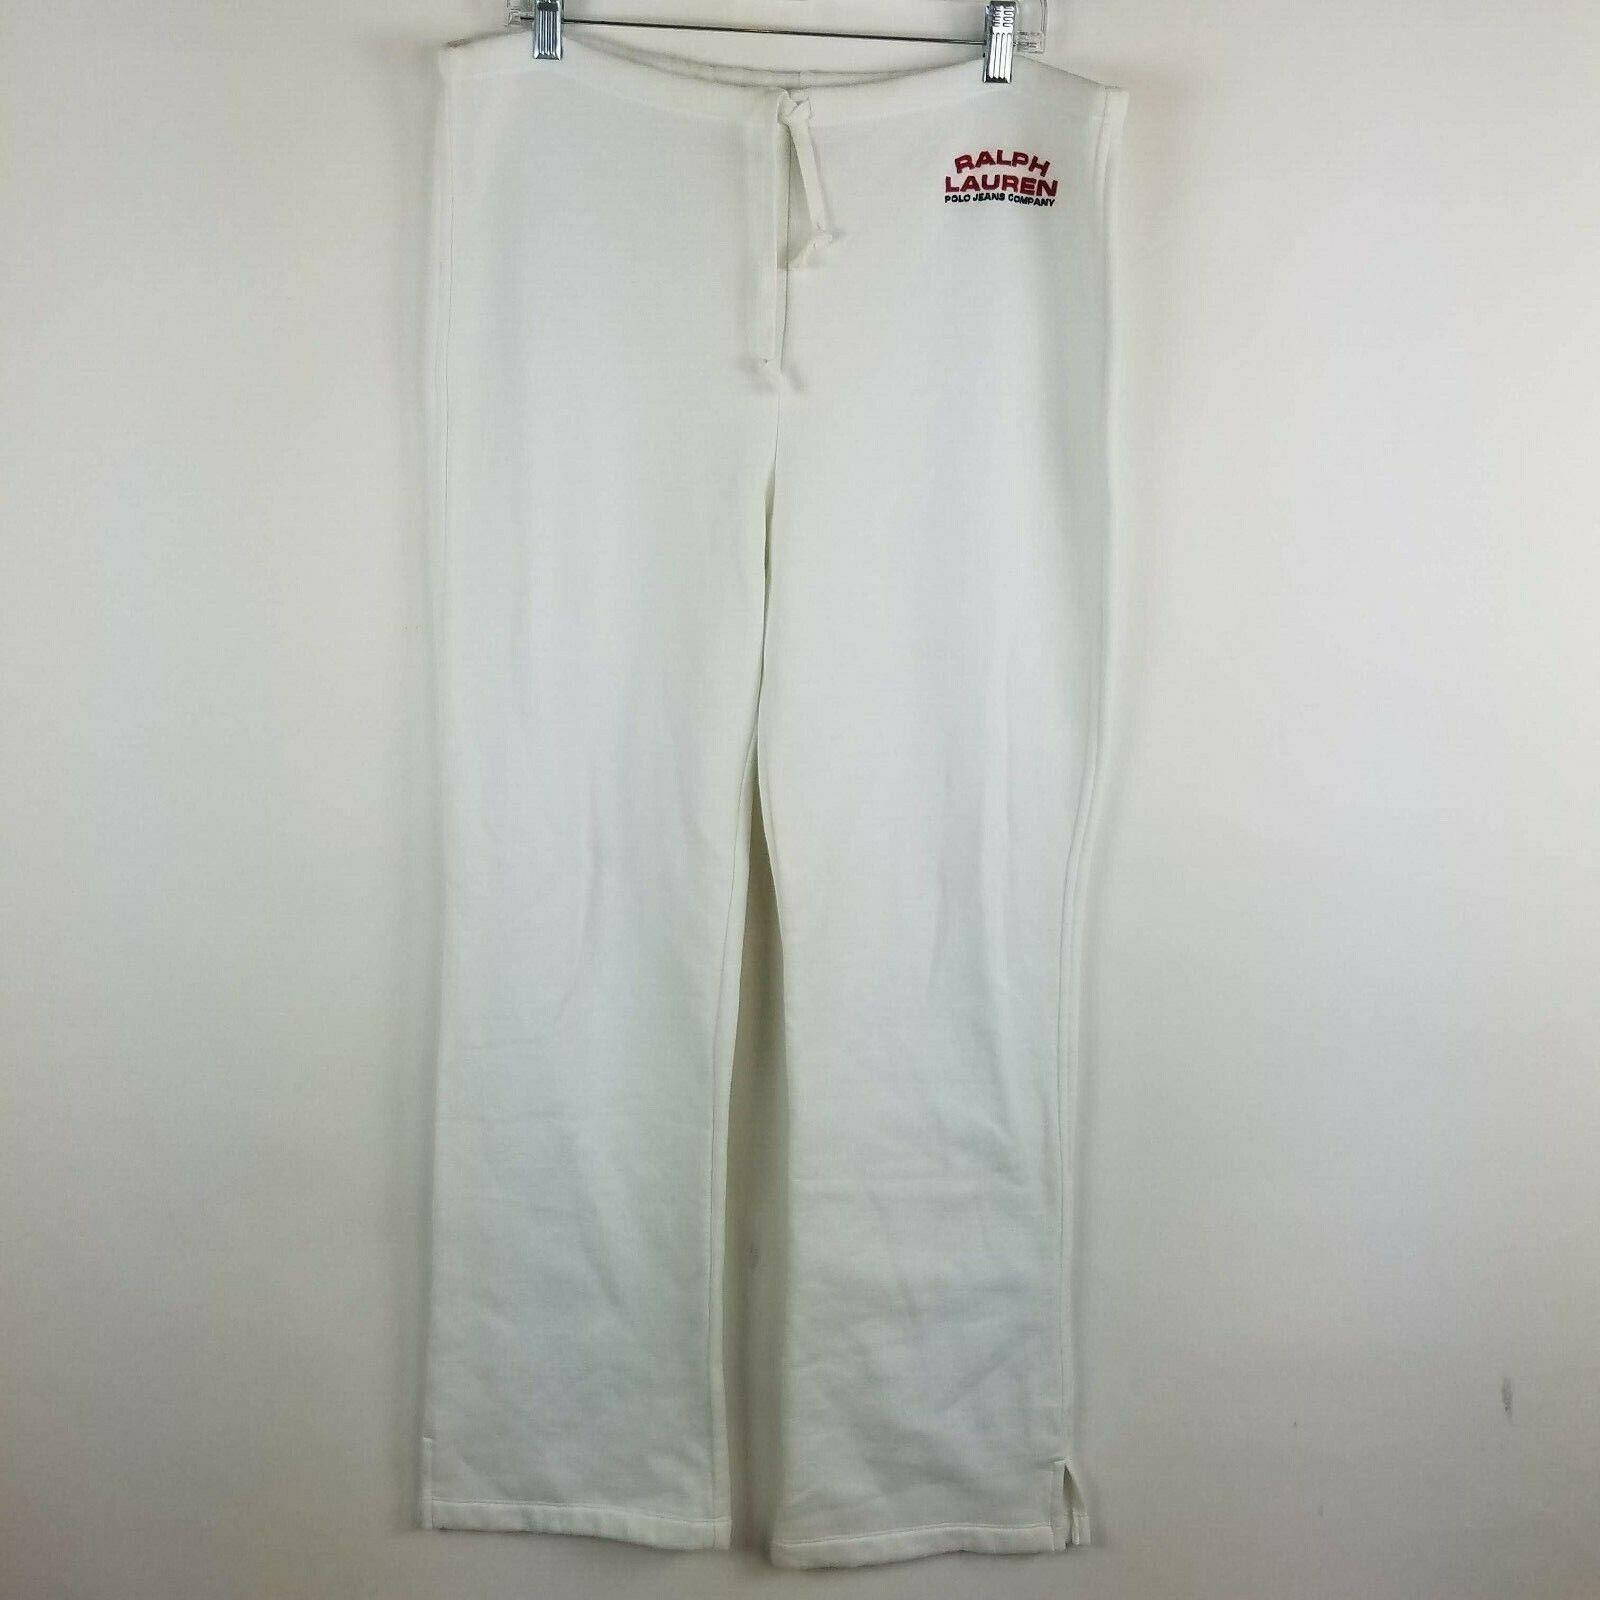 Ralph Lauren Sweat Pants Women's Size Large White Spellout Vintage Wide Leg